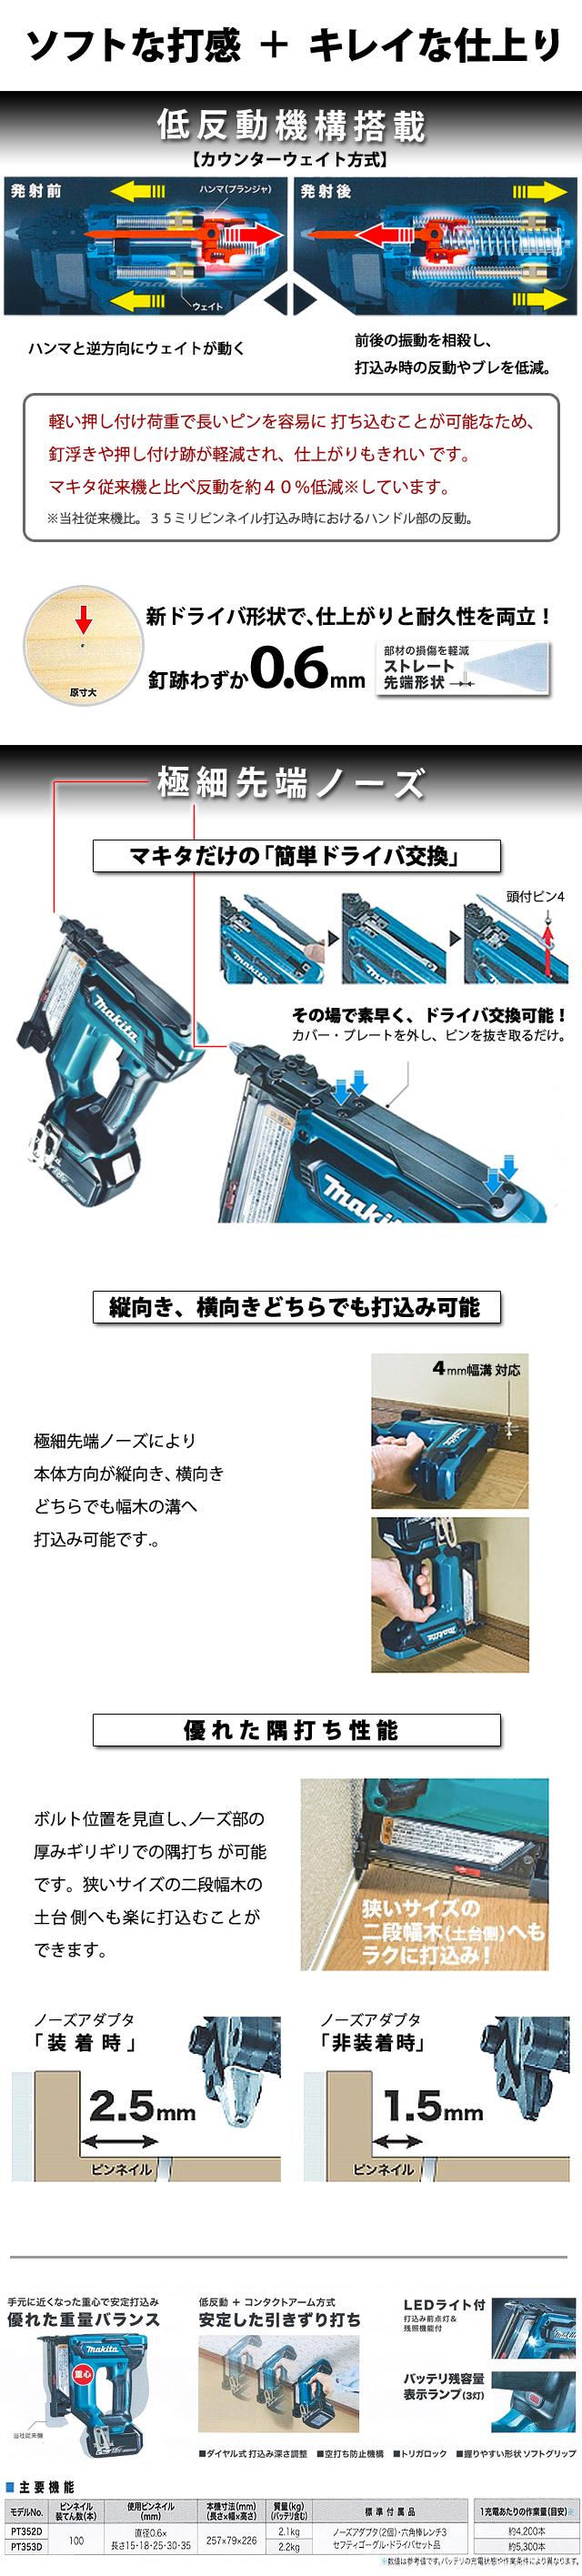 マキタ 14.4V 充電式ピンタッカ PT352